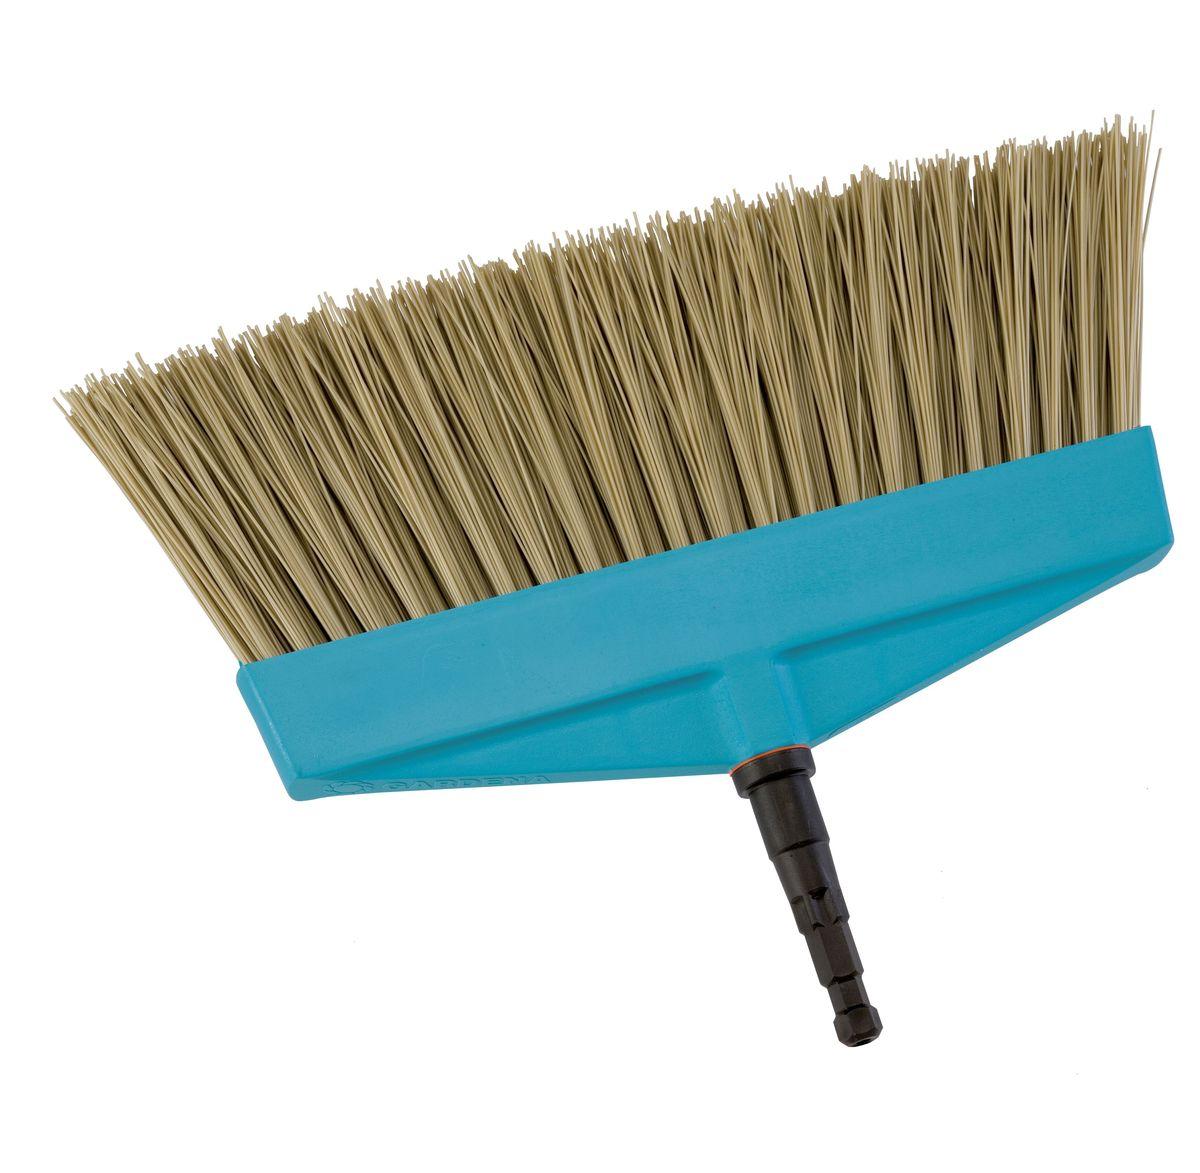 Щетка для террас Gardena, без ручкиC0042416Щетка для террас Gardena представляет собой идеальный инструмент для уборки во внутреннем дворике или на балконе. Высококачественный пластиковый корпус с прочной гибкой щетиной из полипропилена позволяет достигнуть оптимальных результатов уборки. Щетка может использоваться с любой ручкой, однако рекомендуется использовать ручку длиной 130 см, в зависимости от роста пользователя. Рабочая ширина щетки - 32 см.